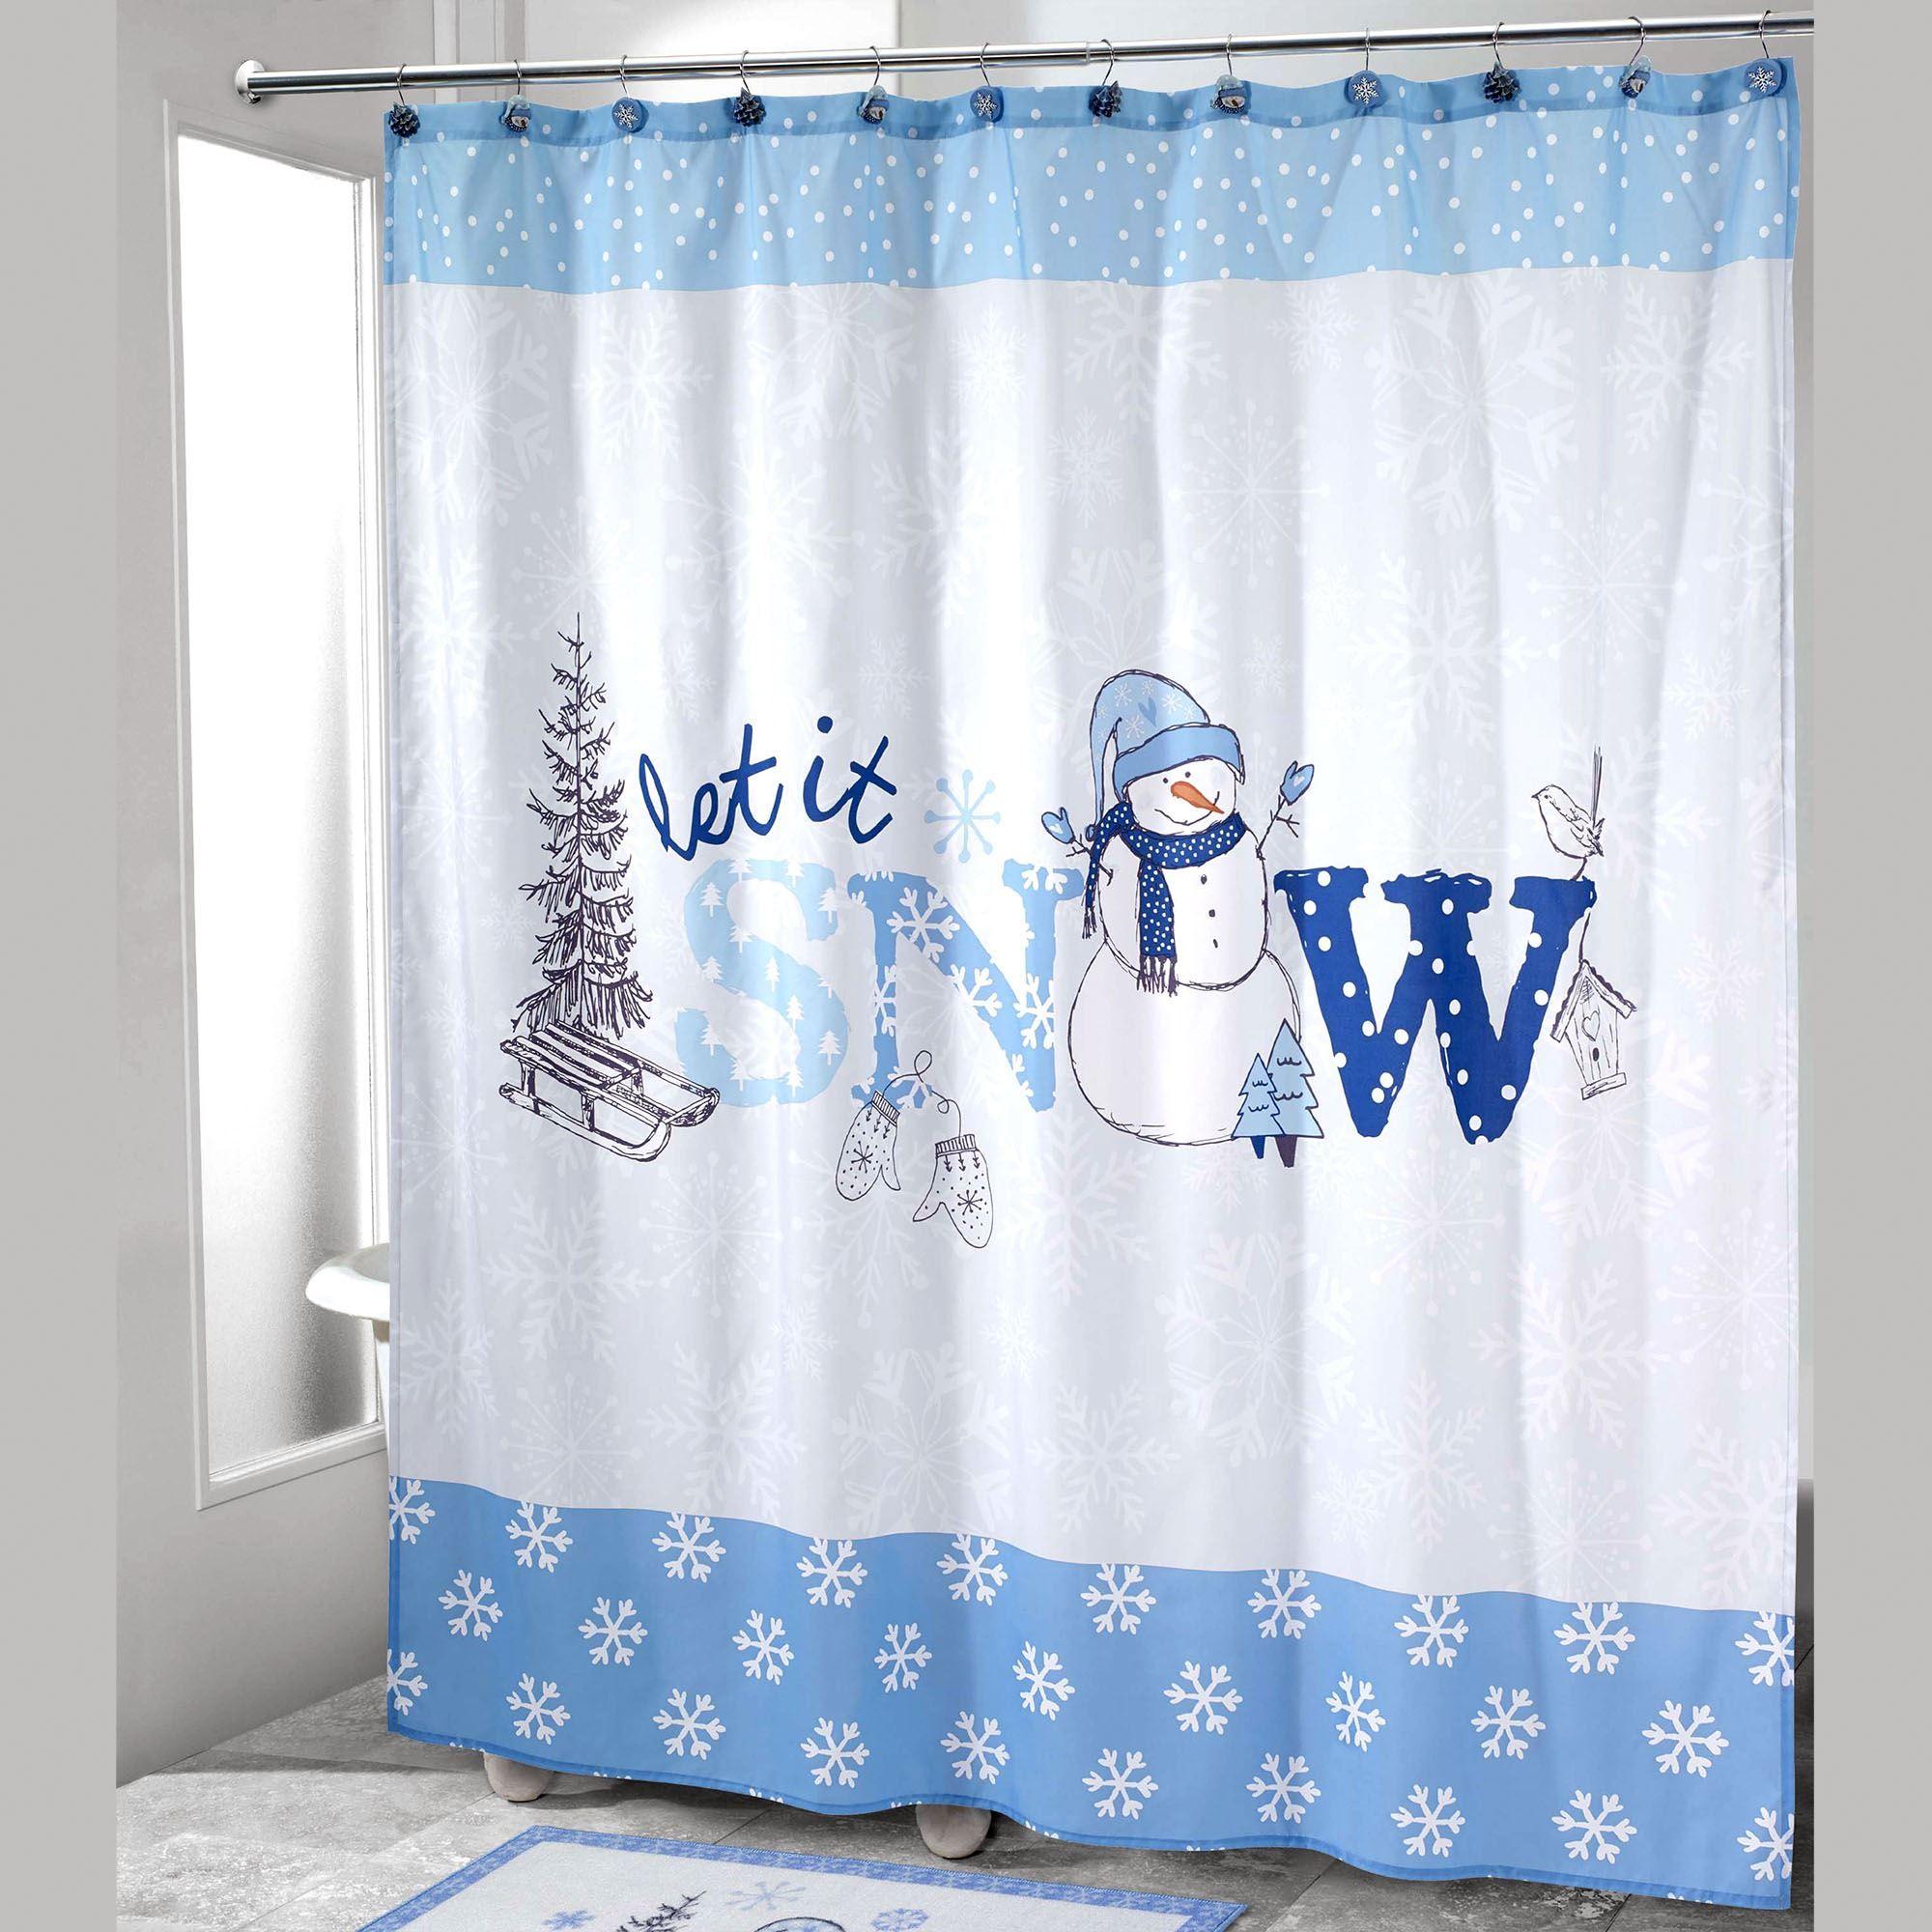 Let It Snow Snowman Shower Curtain Blue 72 X